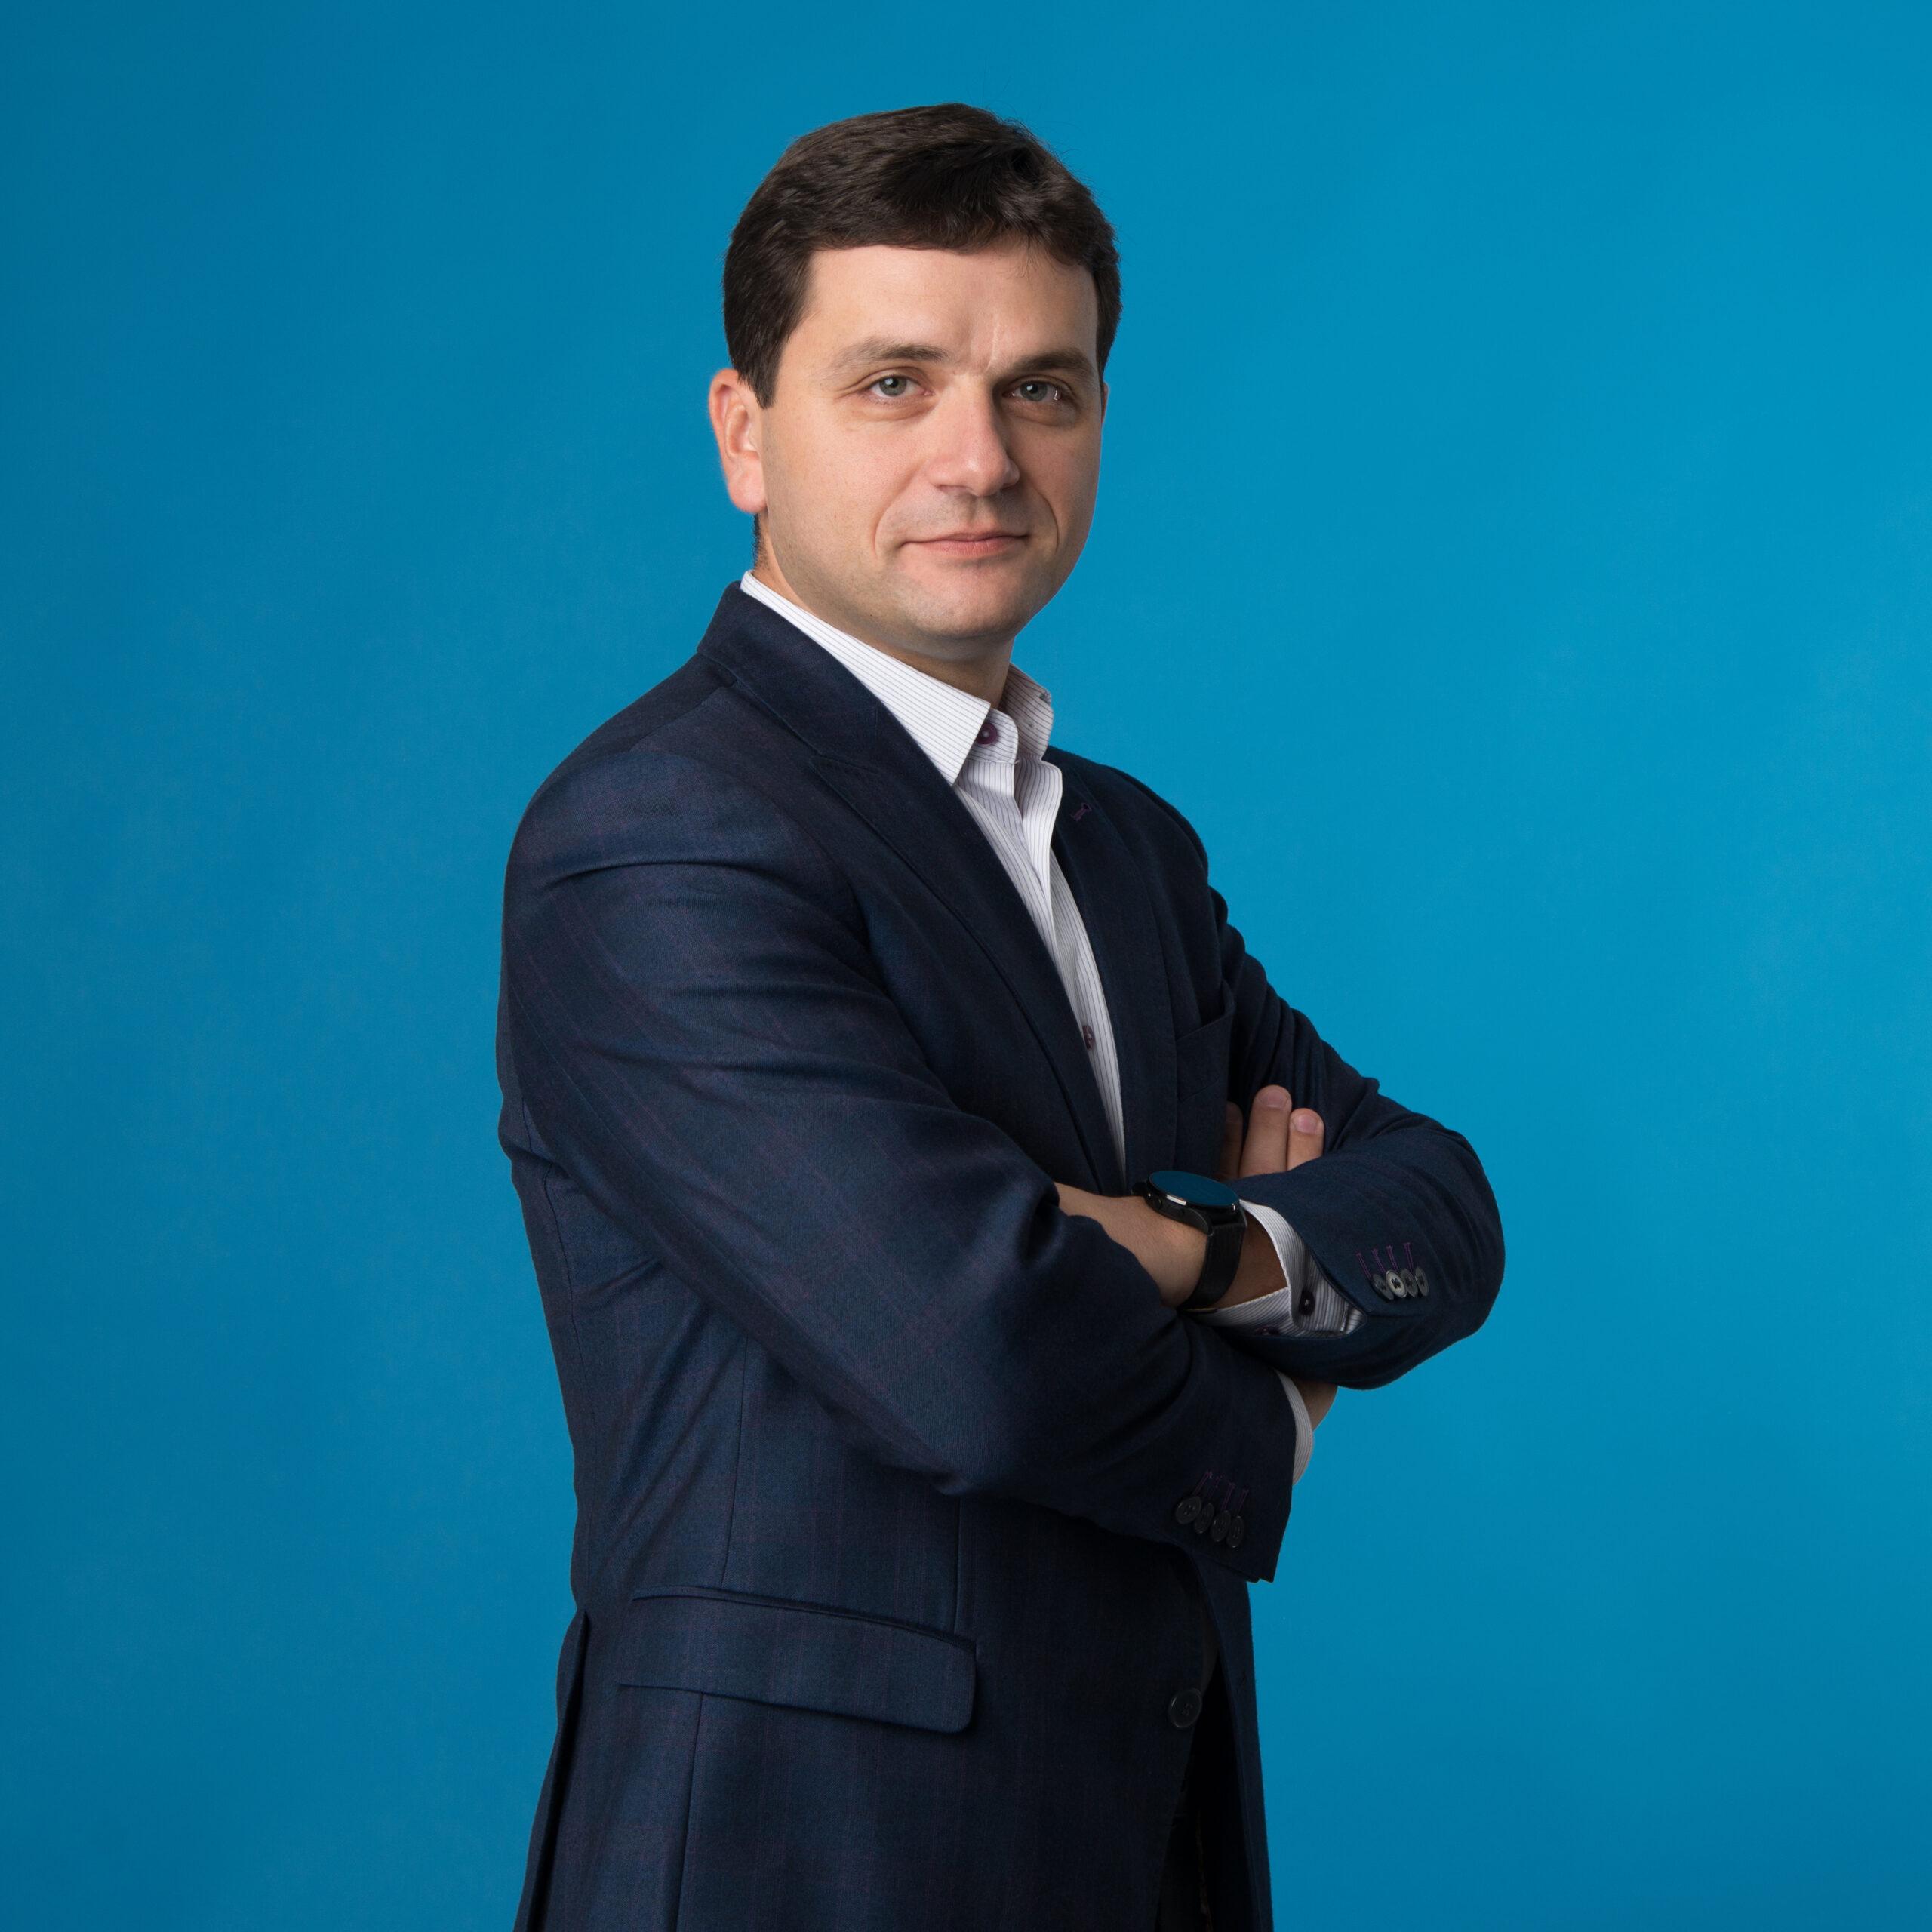 Alexandru Lăpușan, CEO Zitec: Prin sistemul Recommendations AI câștigă atât cumpărătorii, cât și comerciantul, al cărui volum de vânzări crește semnificativ